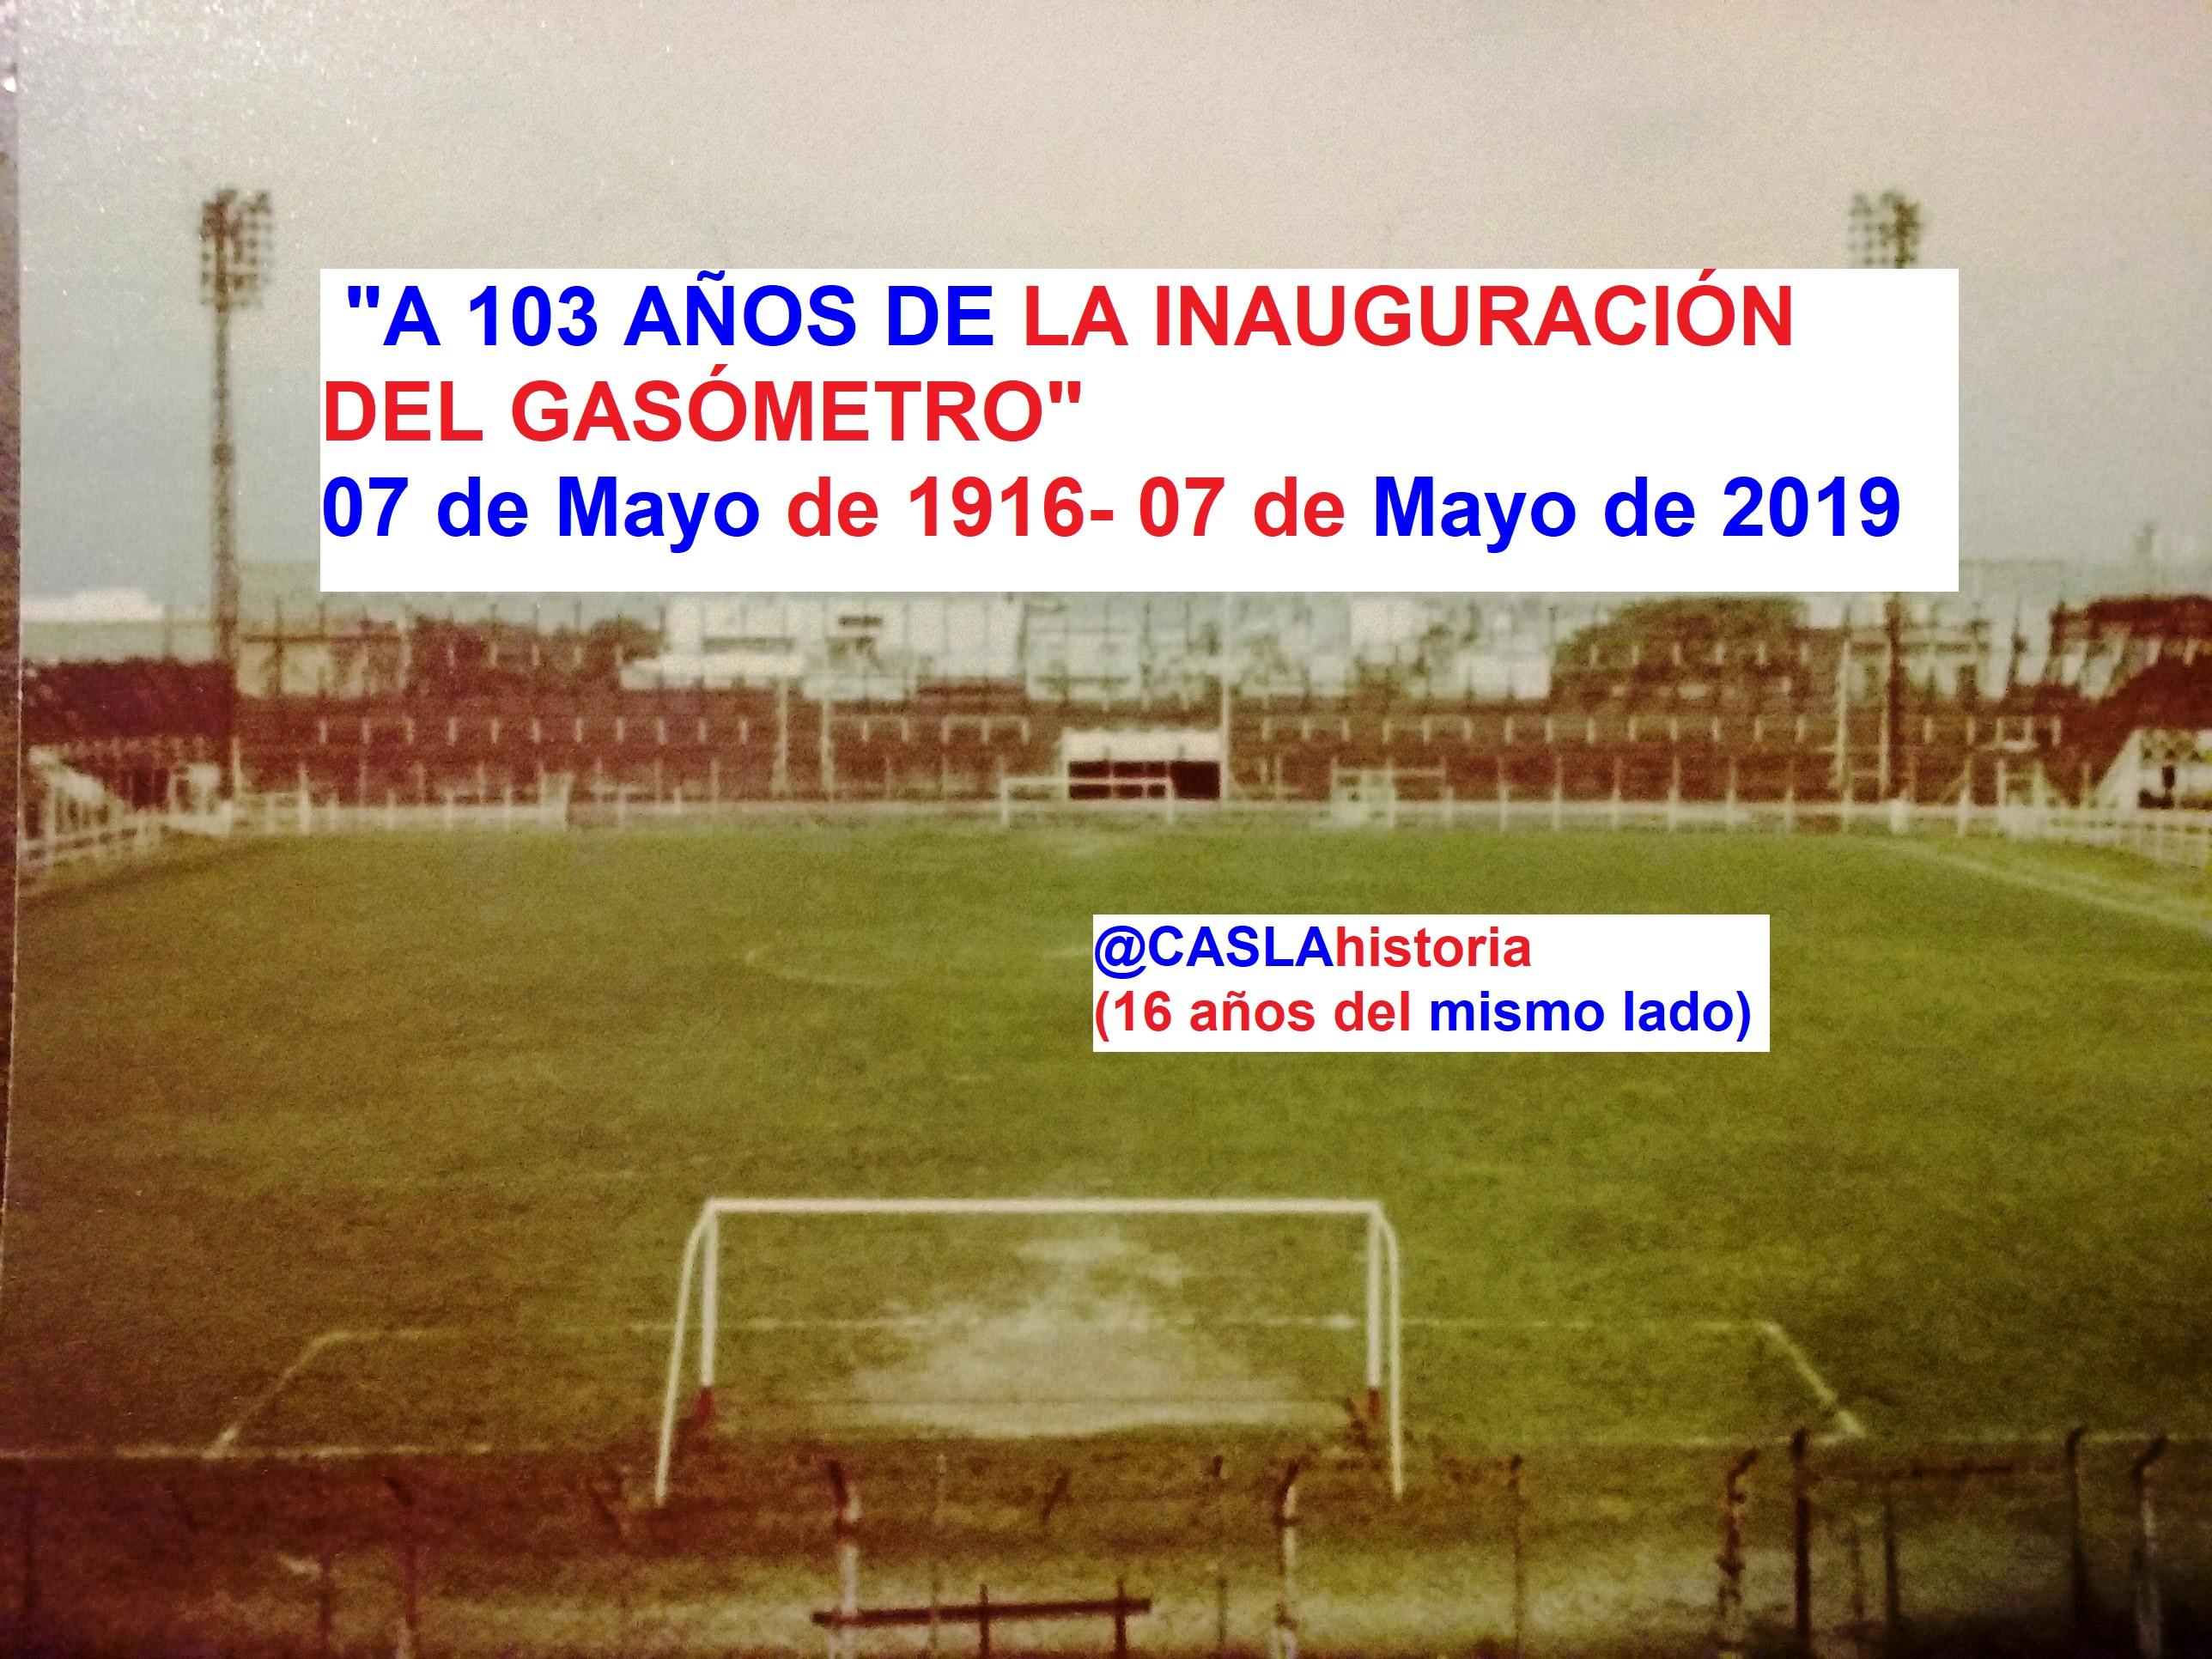 A 103 AÑOS DE LA INAUGURACIÓN DEL GASÓMETRO  !!!!